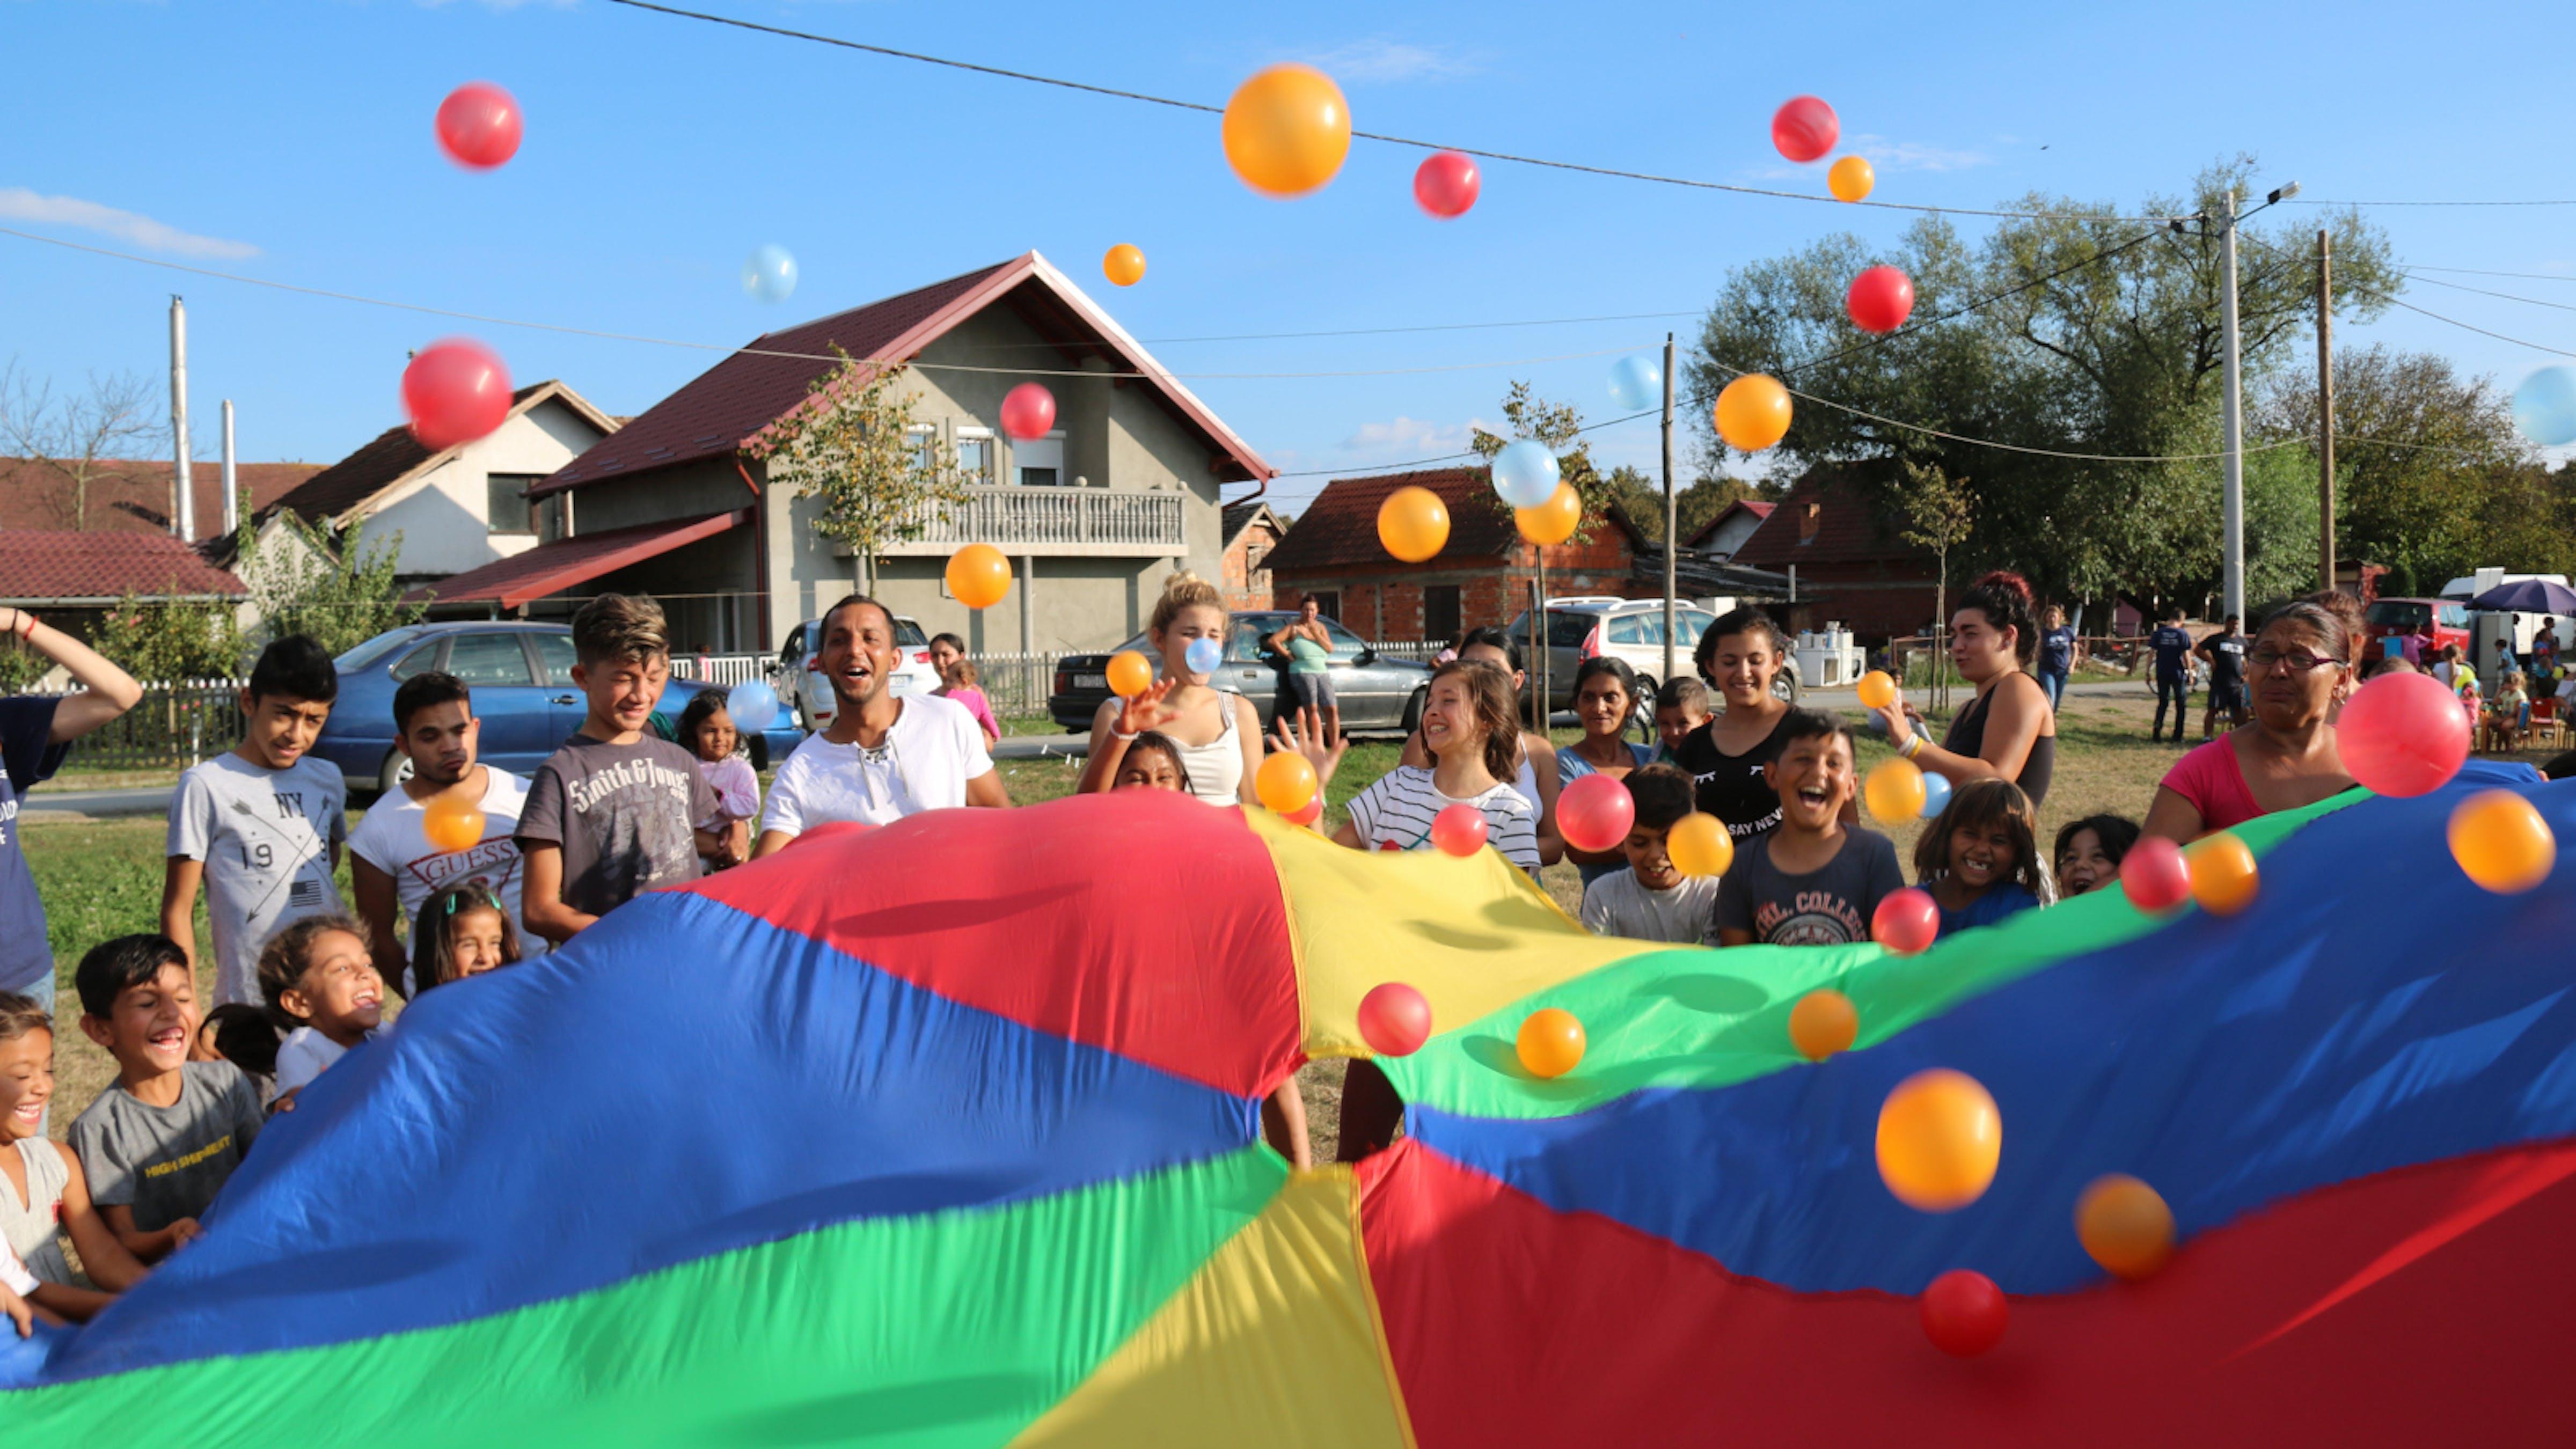 Adulti e bambini giocano con un telo colorato_Utopia